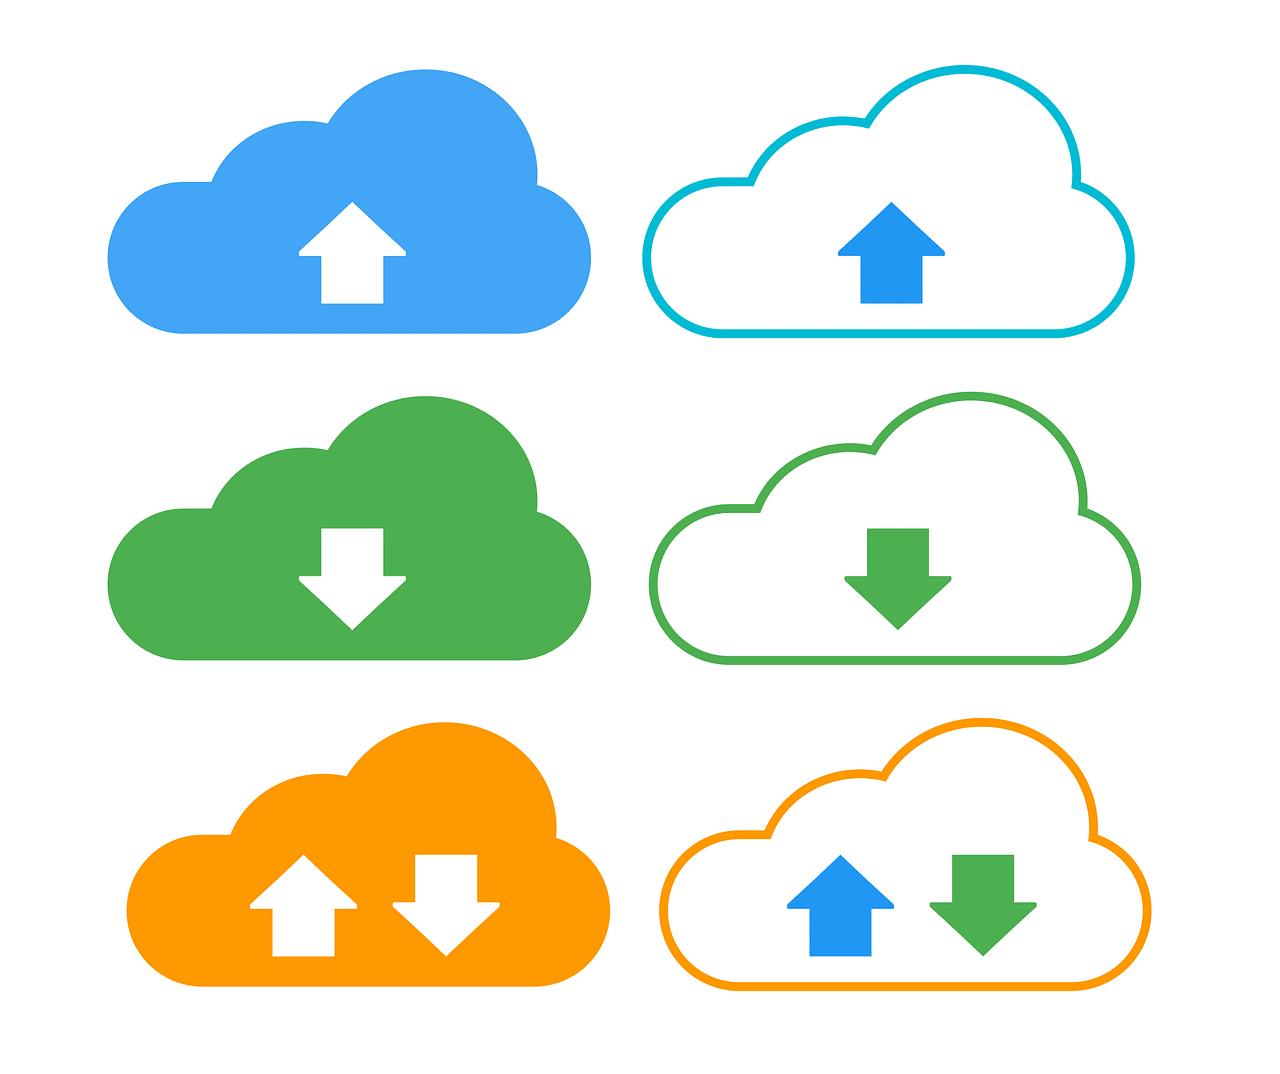 """Neue Filesharing-Suite für Unternehmen bietet E2E-verschlüsselten Dateiaustausch """"Made in Germany"""""""